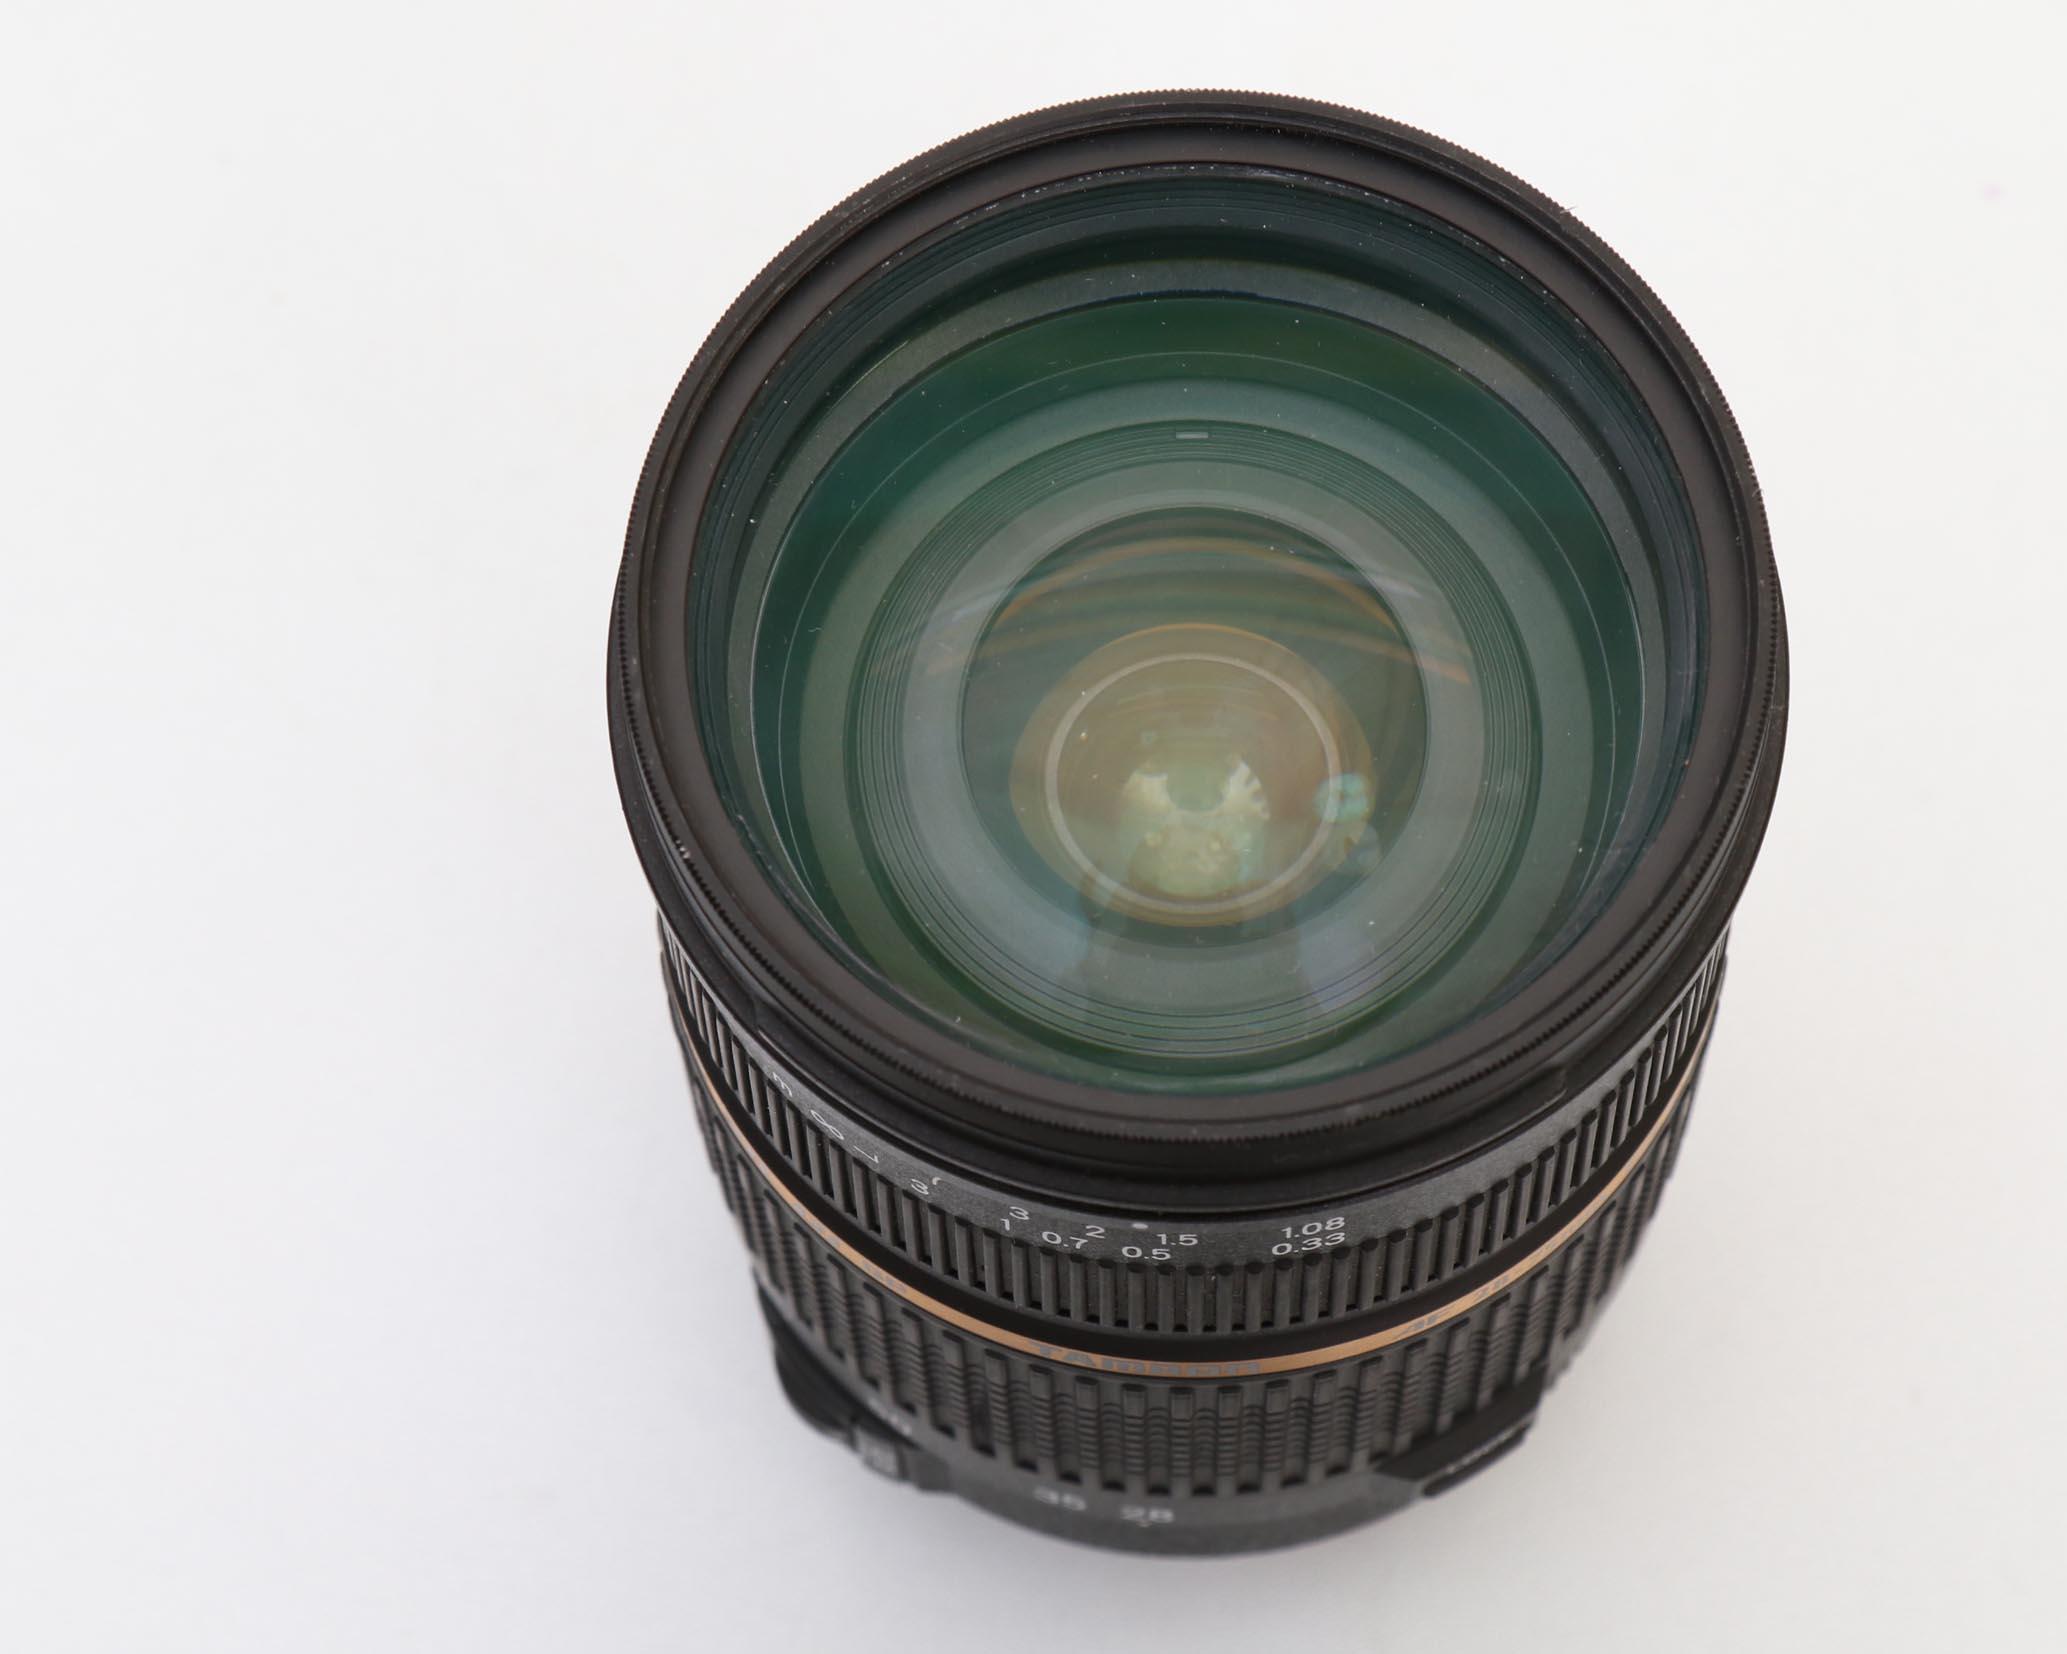 Tamron 28-75mm f:2.8 for Nikon